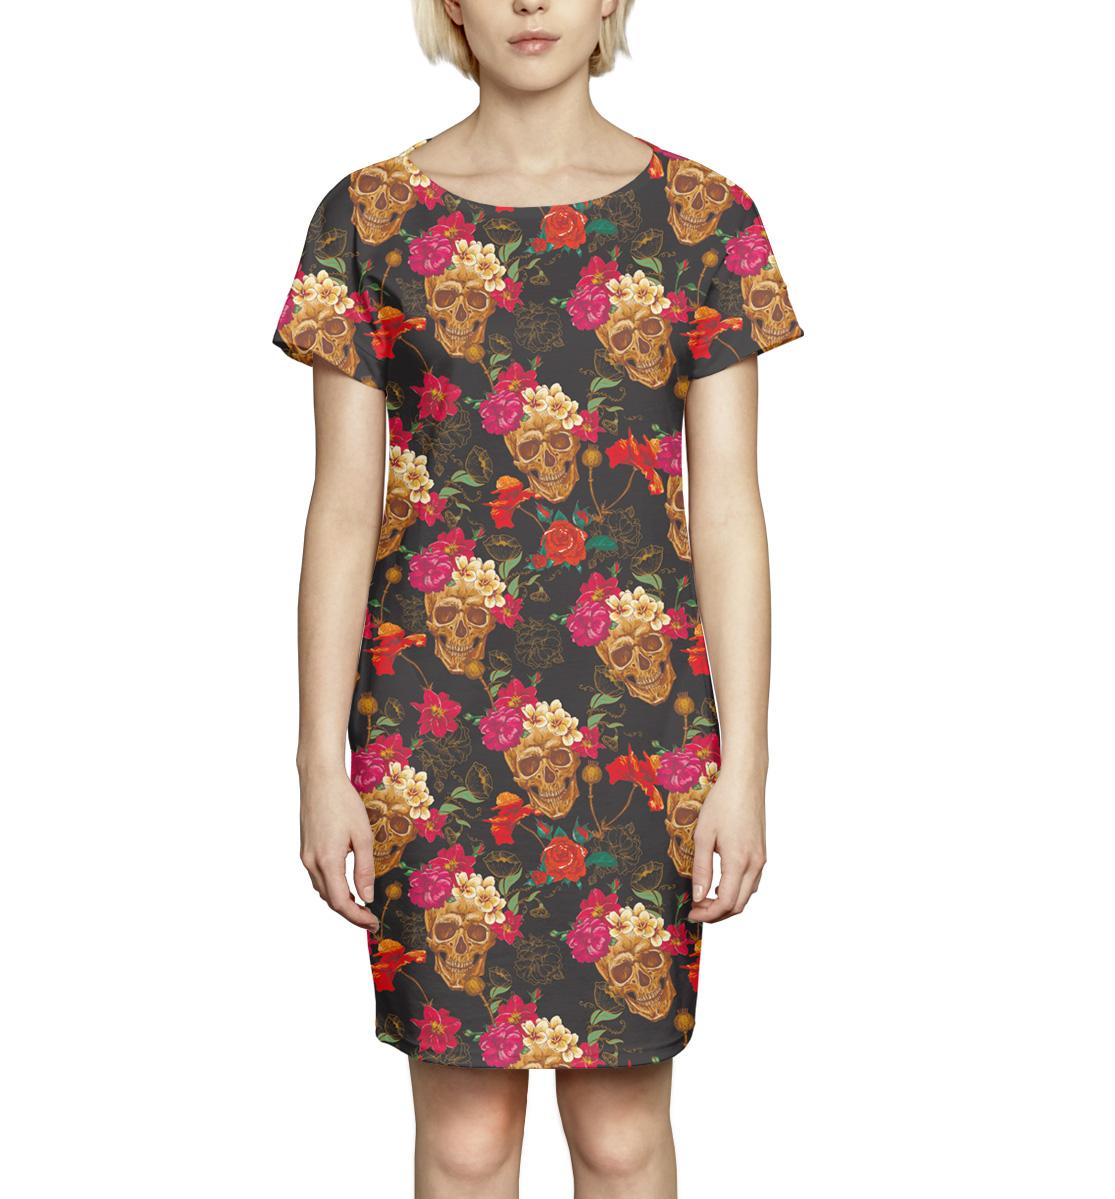 Купить Черепа и цветы, Printbar, Платье летнее, NWT-466675-pkr-1